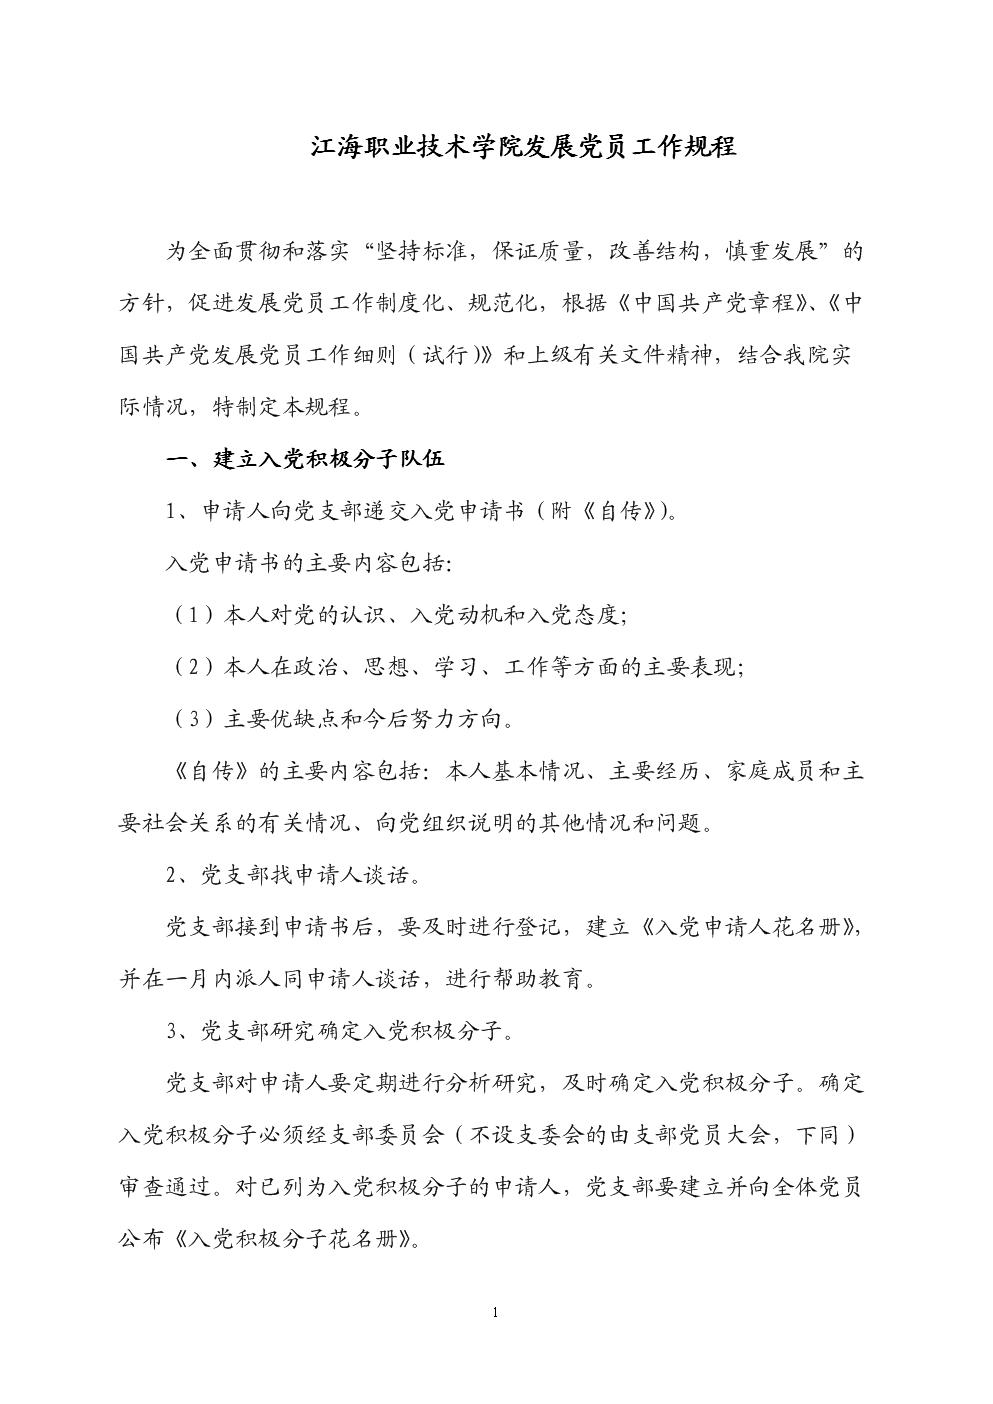 江海职业技术学院发展党员工作规程.doc